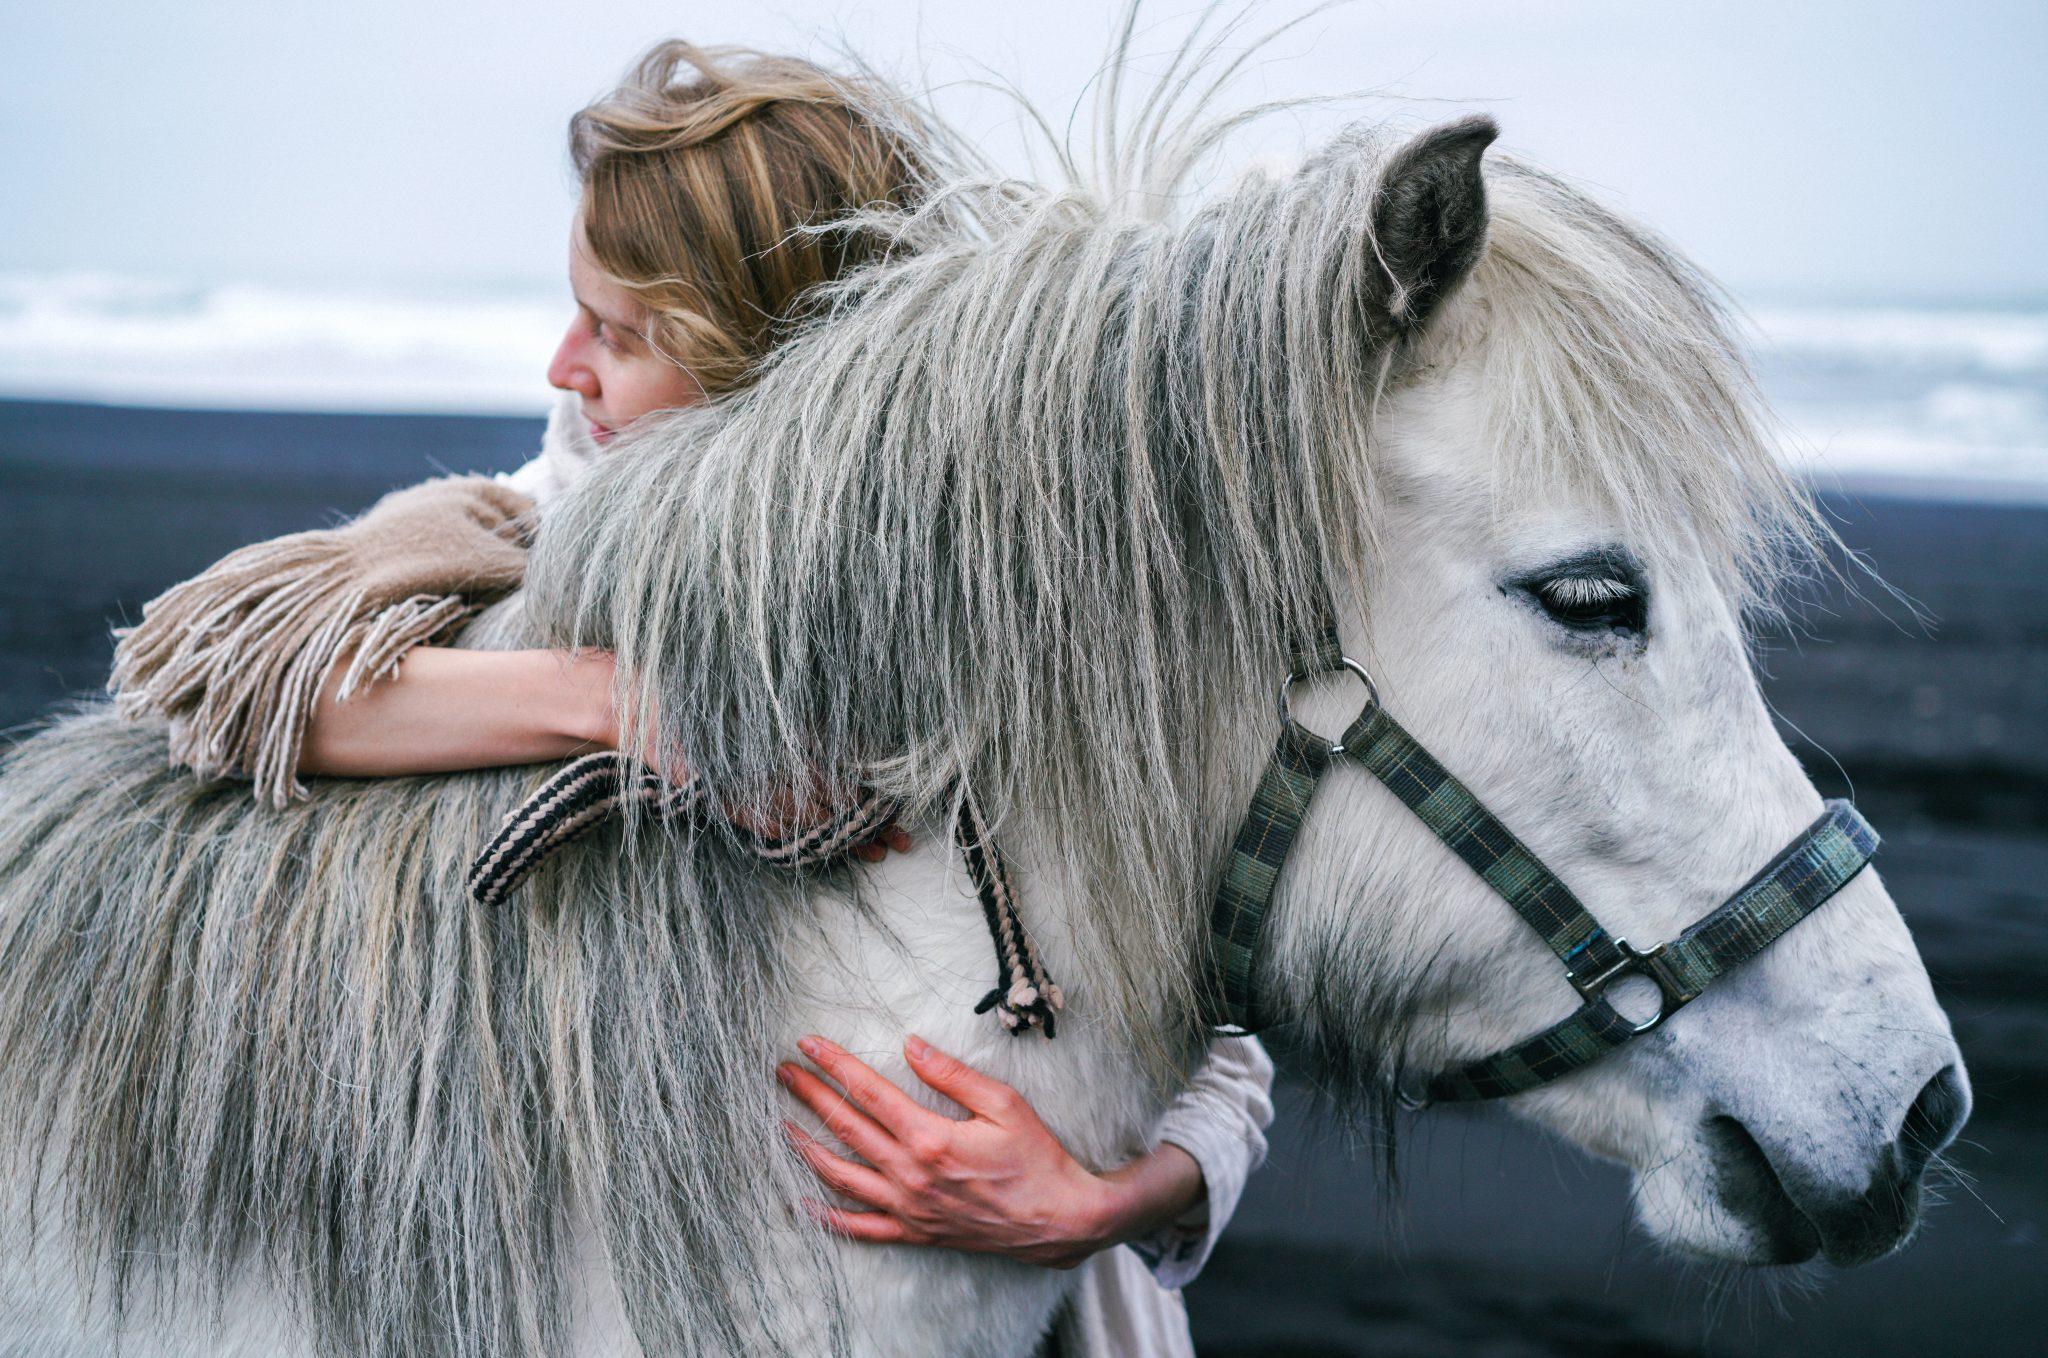 câlin avec cavalier et poney blanc